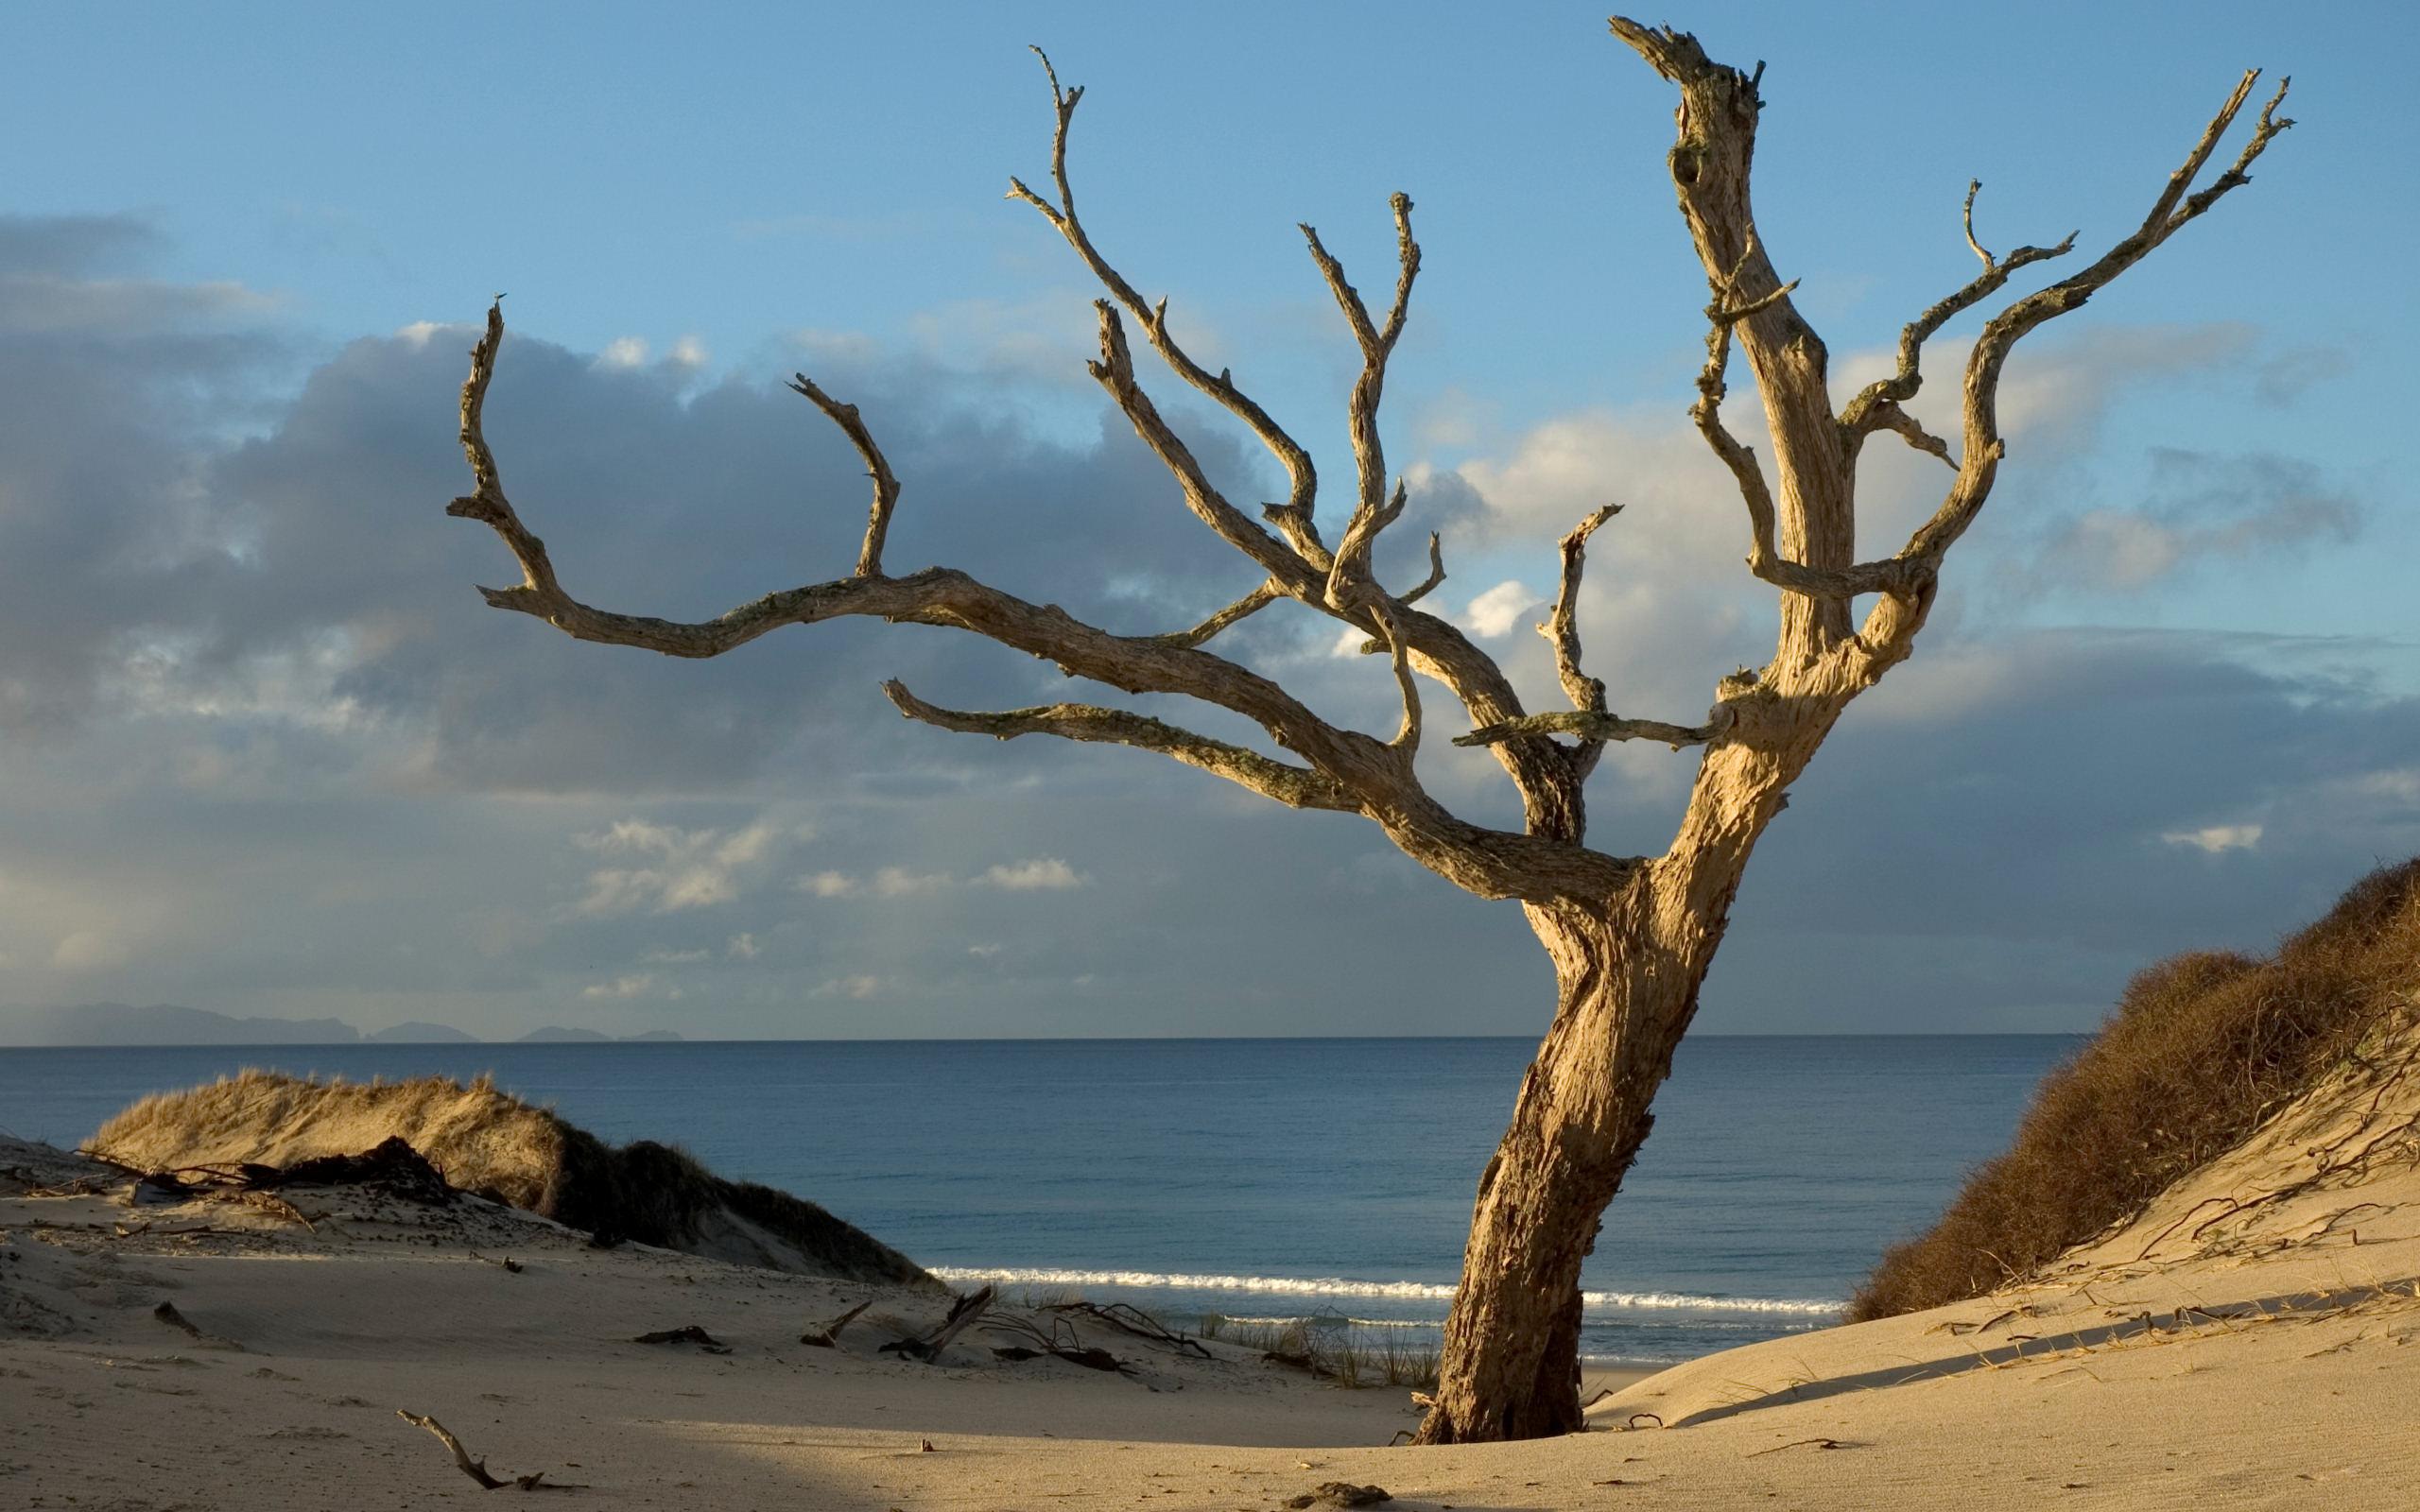 sea wallpaper nature dead - photo #35